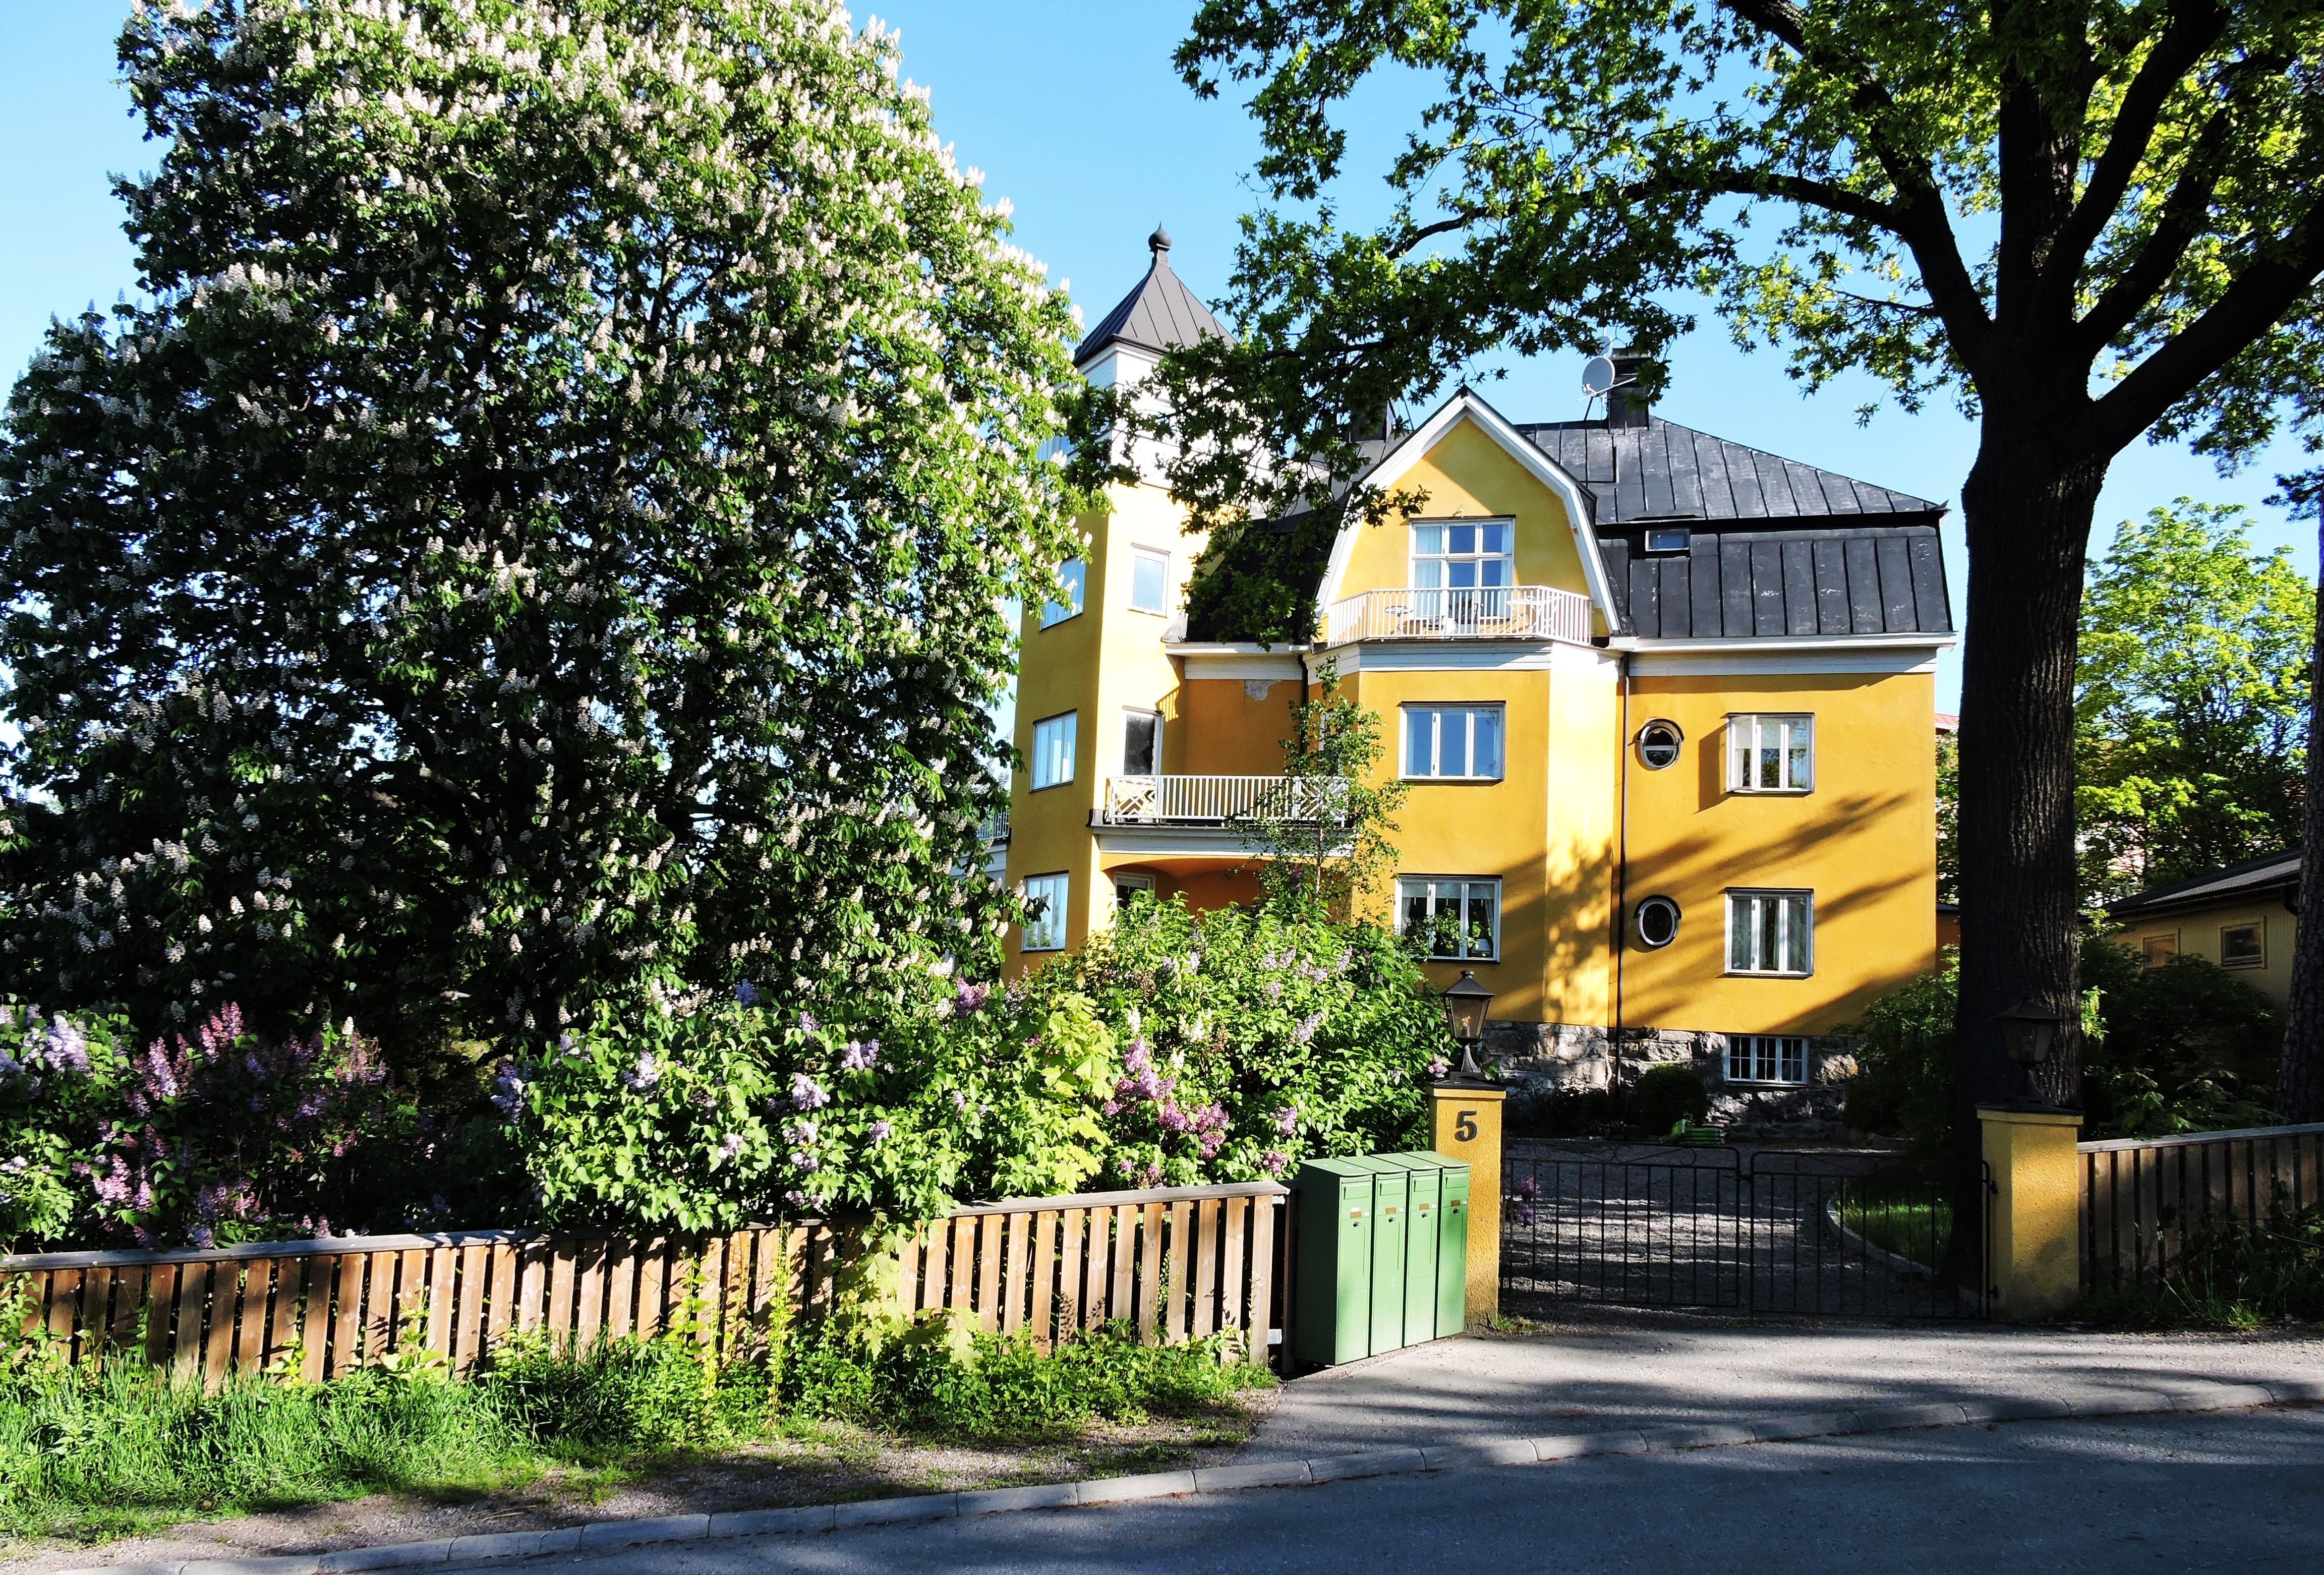 Hitta ditt drömhem med Anna Ski Mäkleri